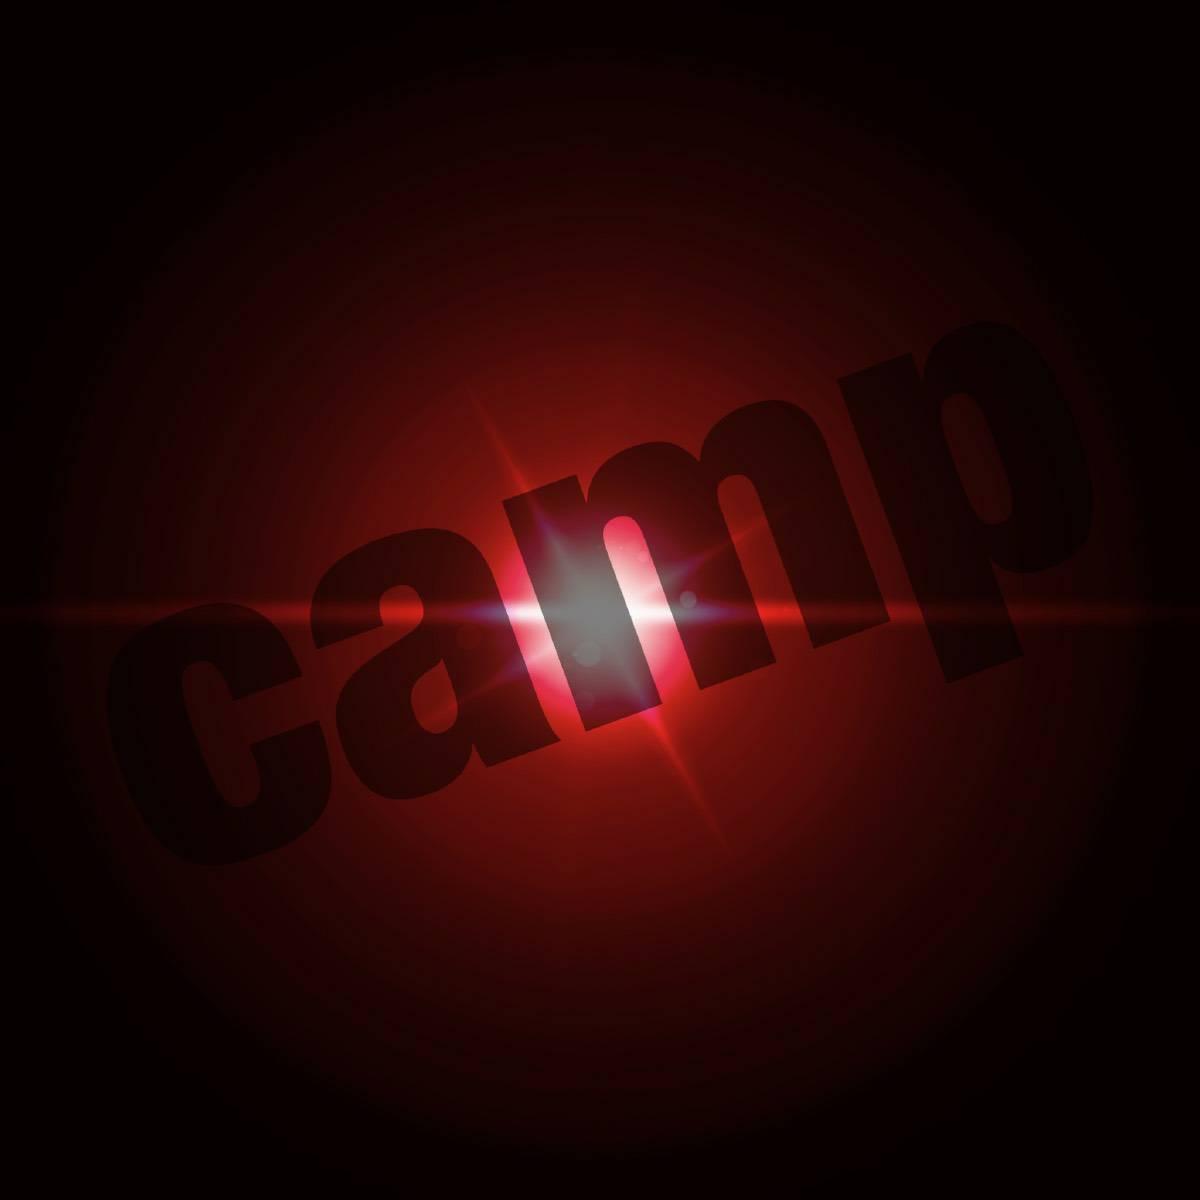 簡単なネームアイコン   作ります ゲームなどのクラン、チームのネームアイコン制作です。 イメージ1